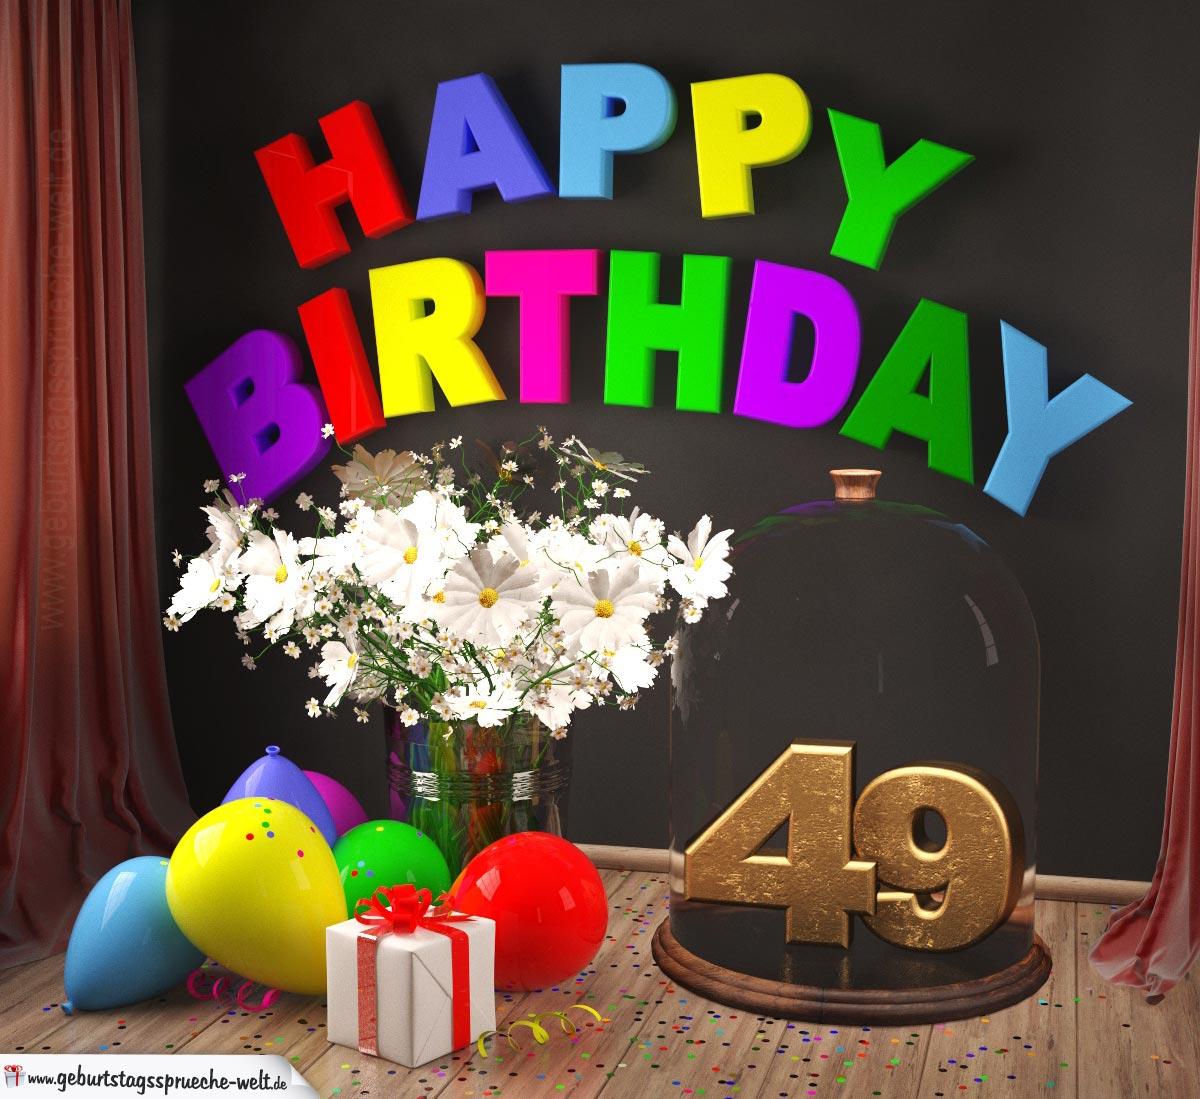 Happy Birthday 49 Jahre Glückwunschkarte mit Margeriten-Blumenstrauß, Luftballons und Geschenk unter Glasglocke